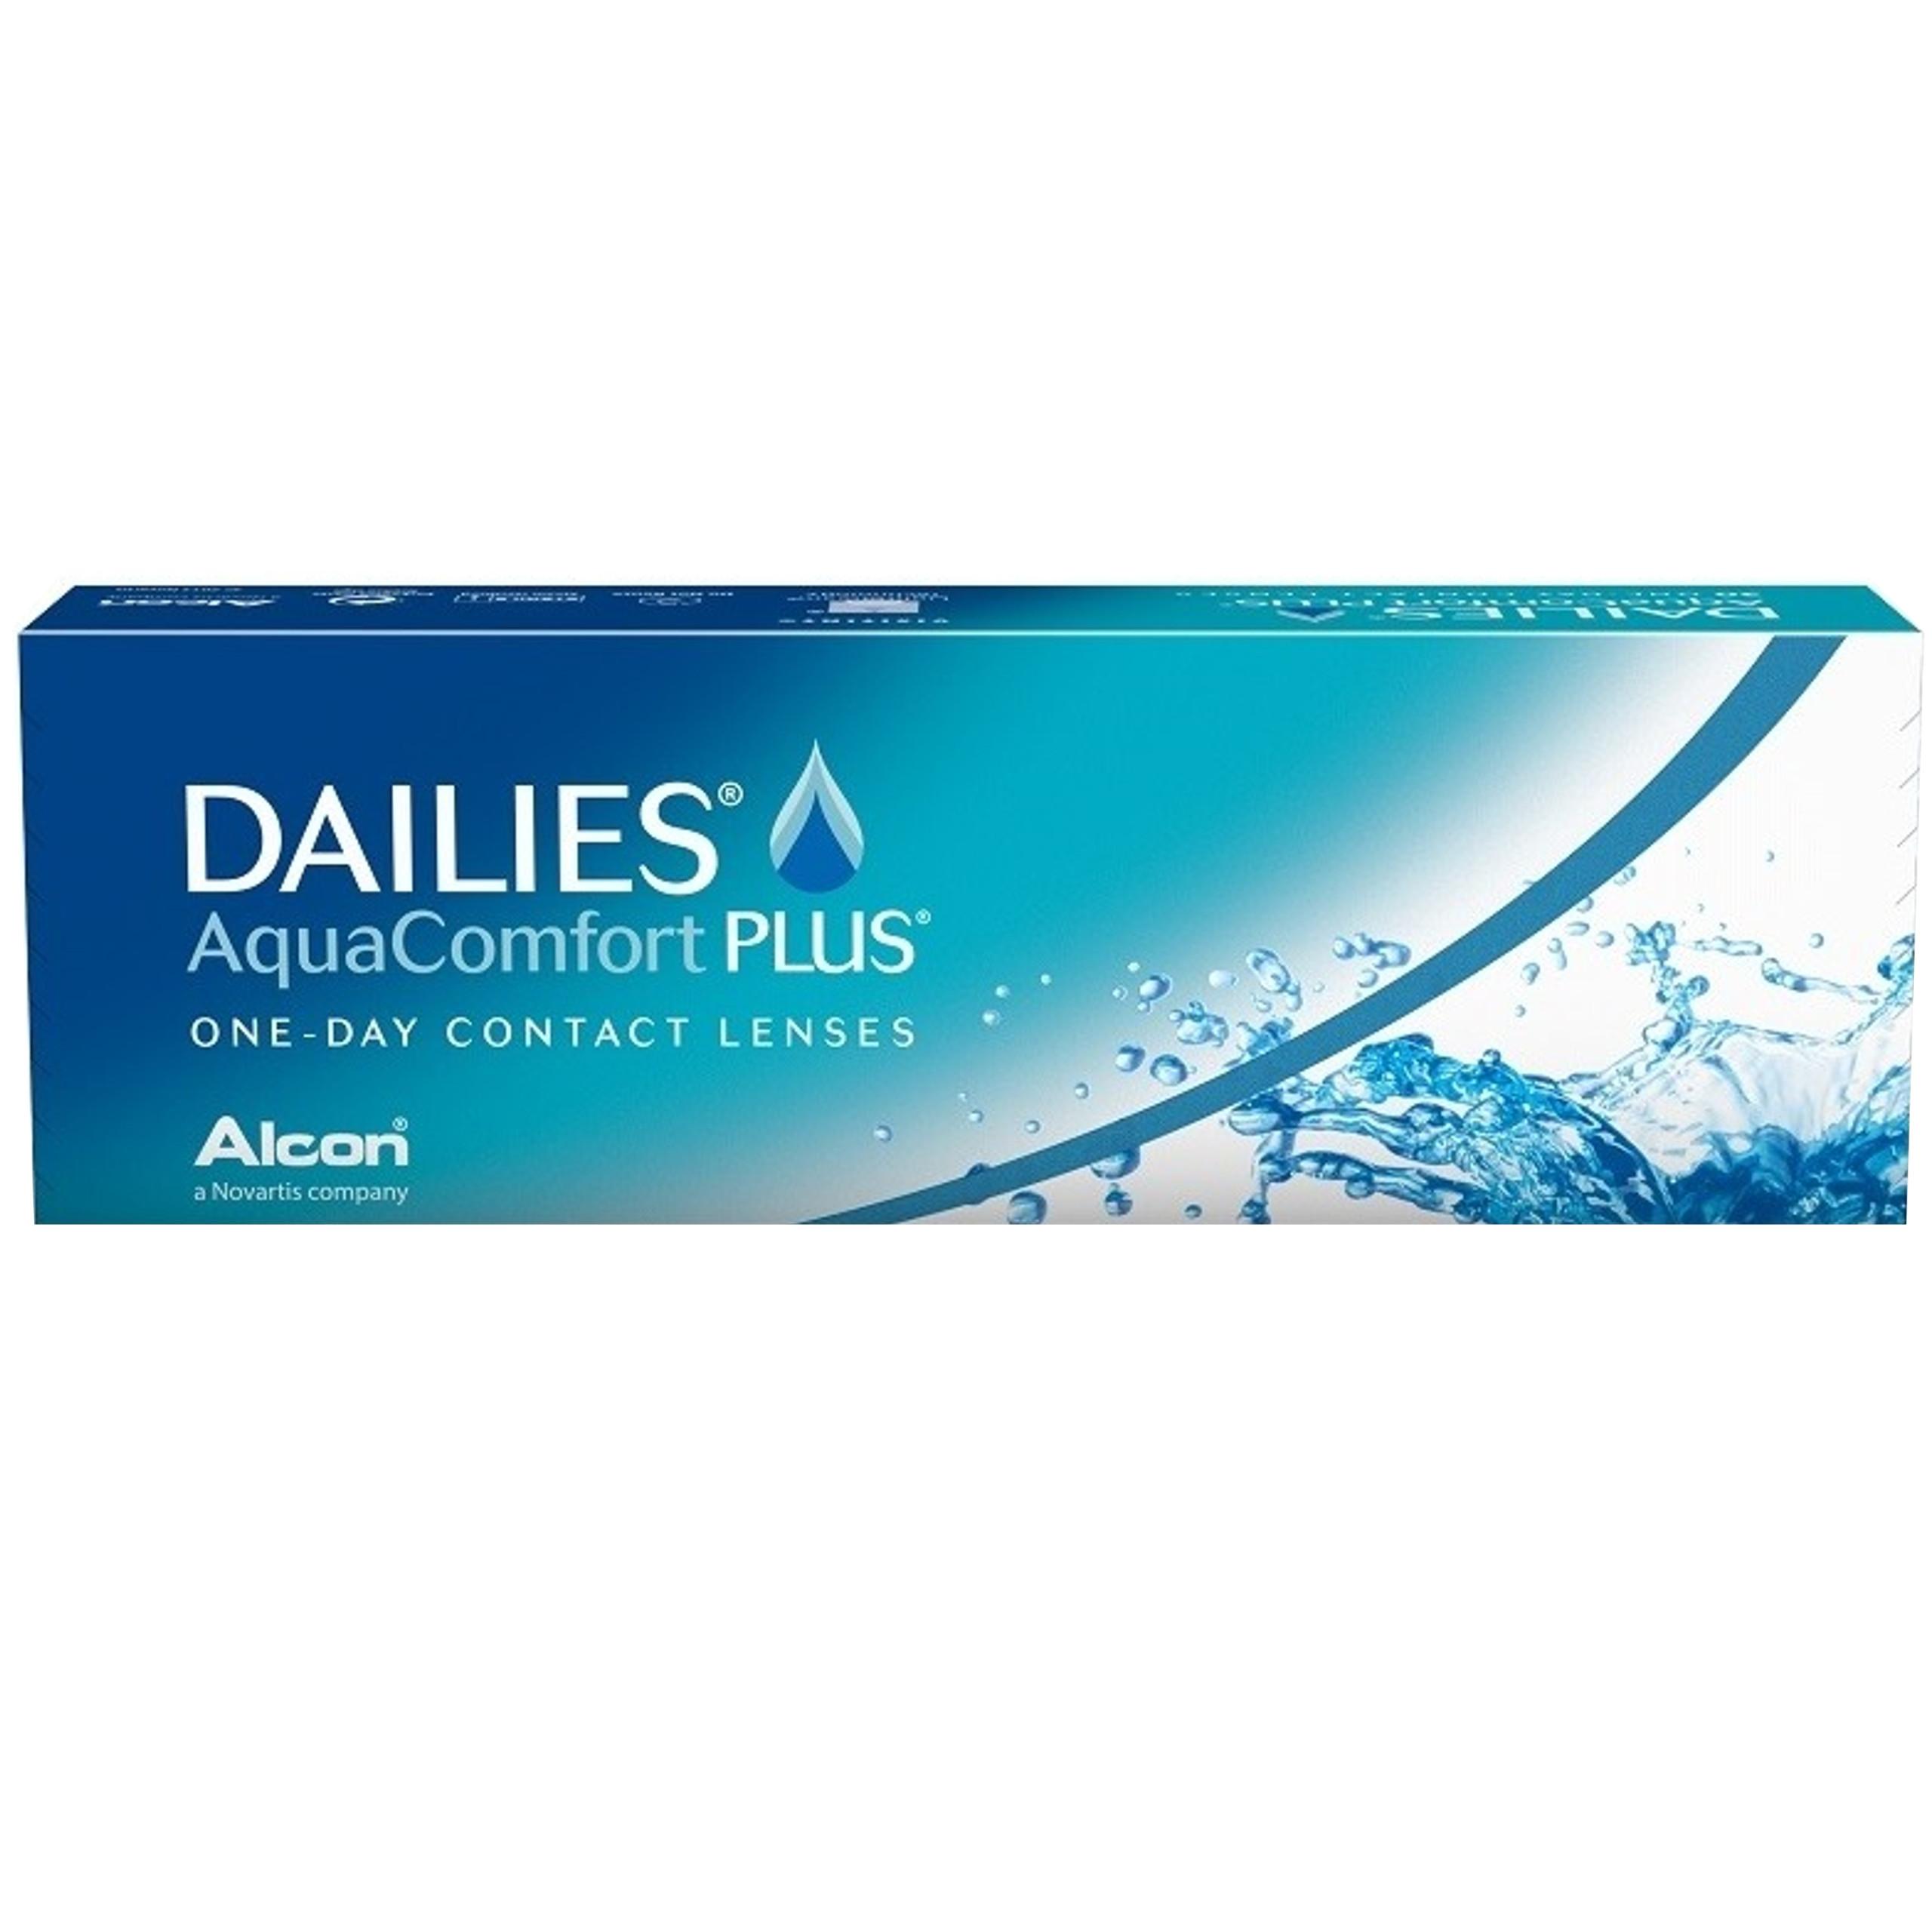 lentilles dailies comfort pure free contact focus aqua opti cibavision alcon plus moist de aquacomfort comforter